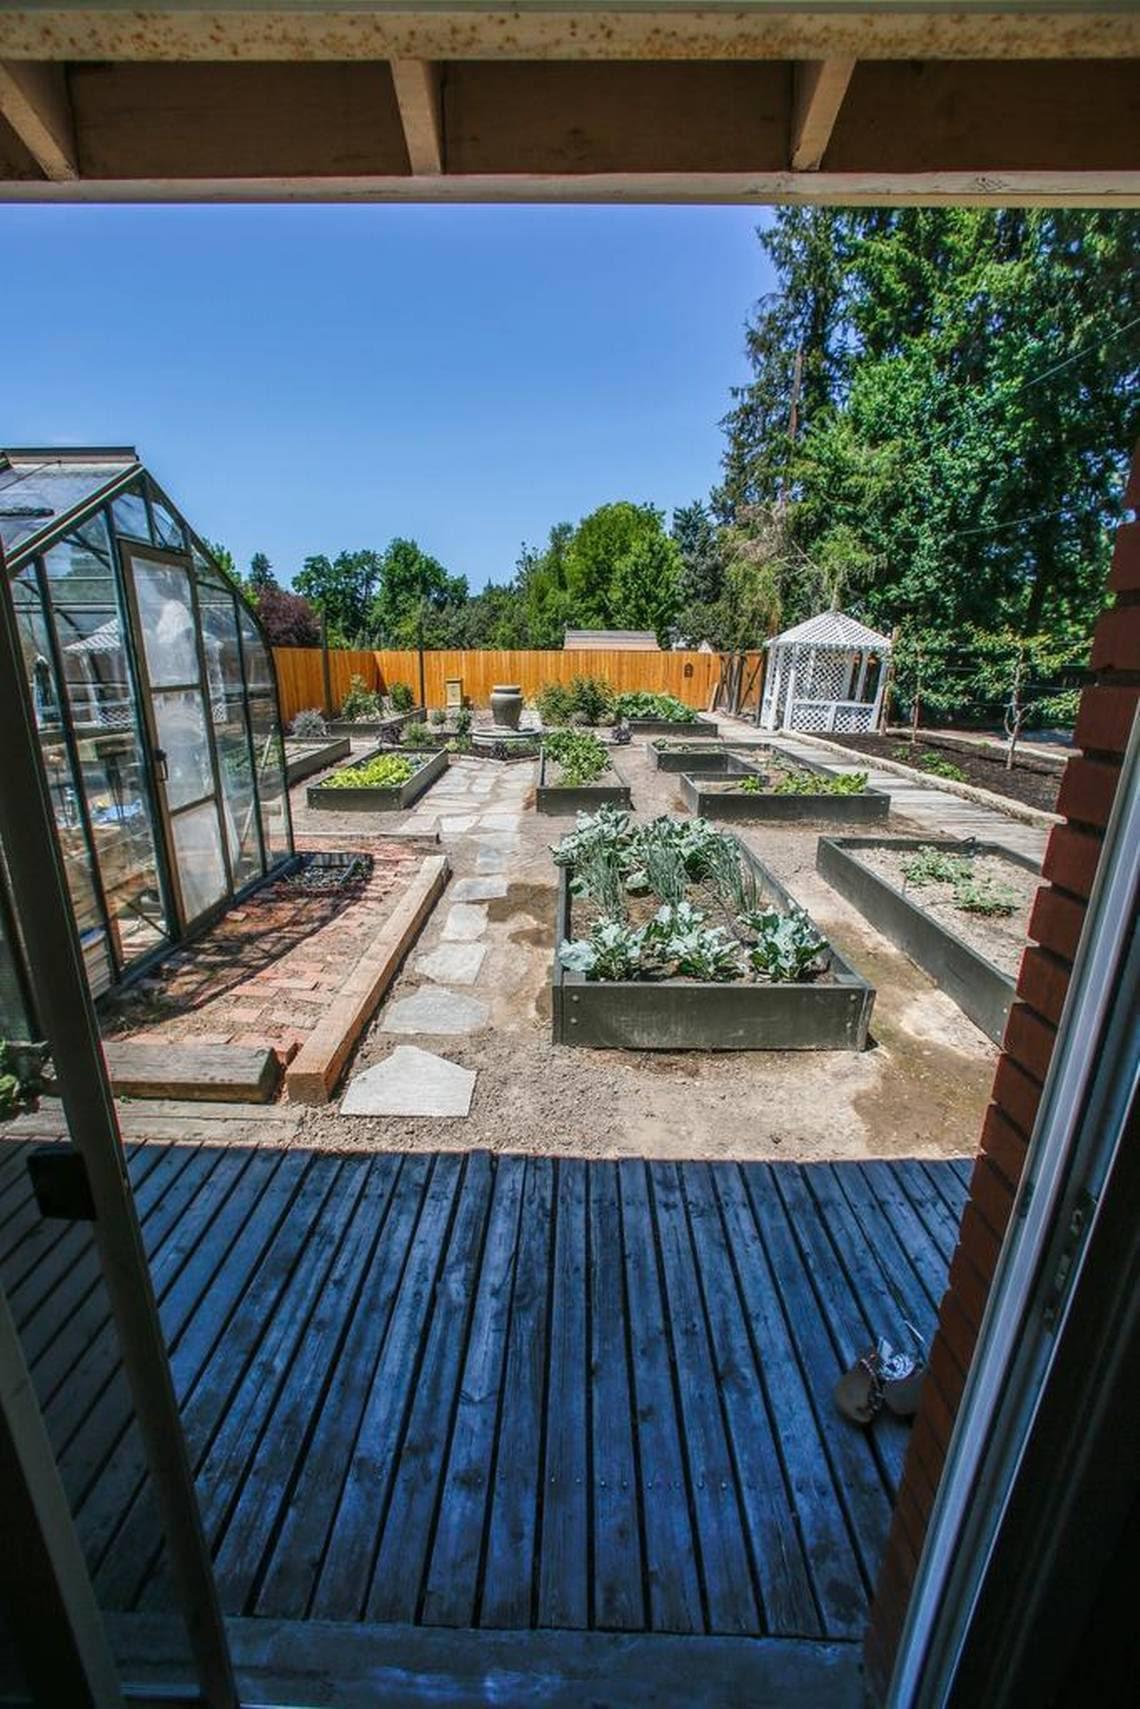 Idaho women create backyard retreats with she shed trend